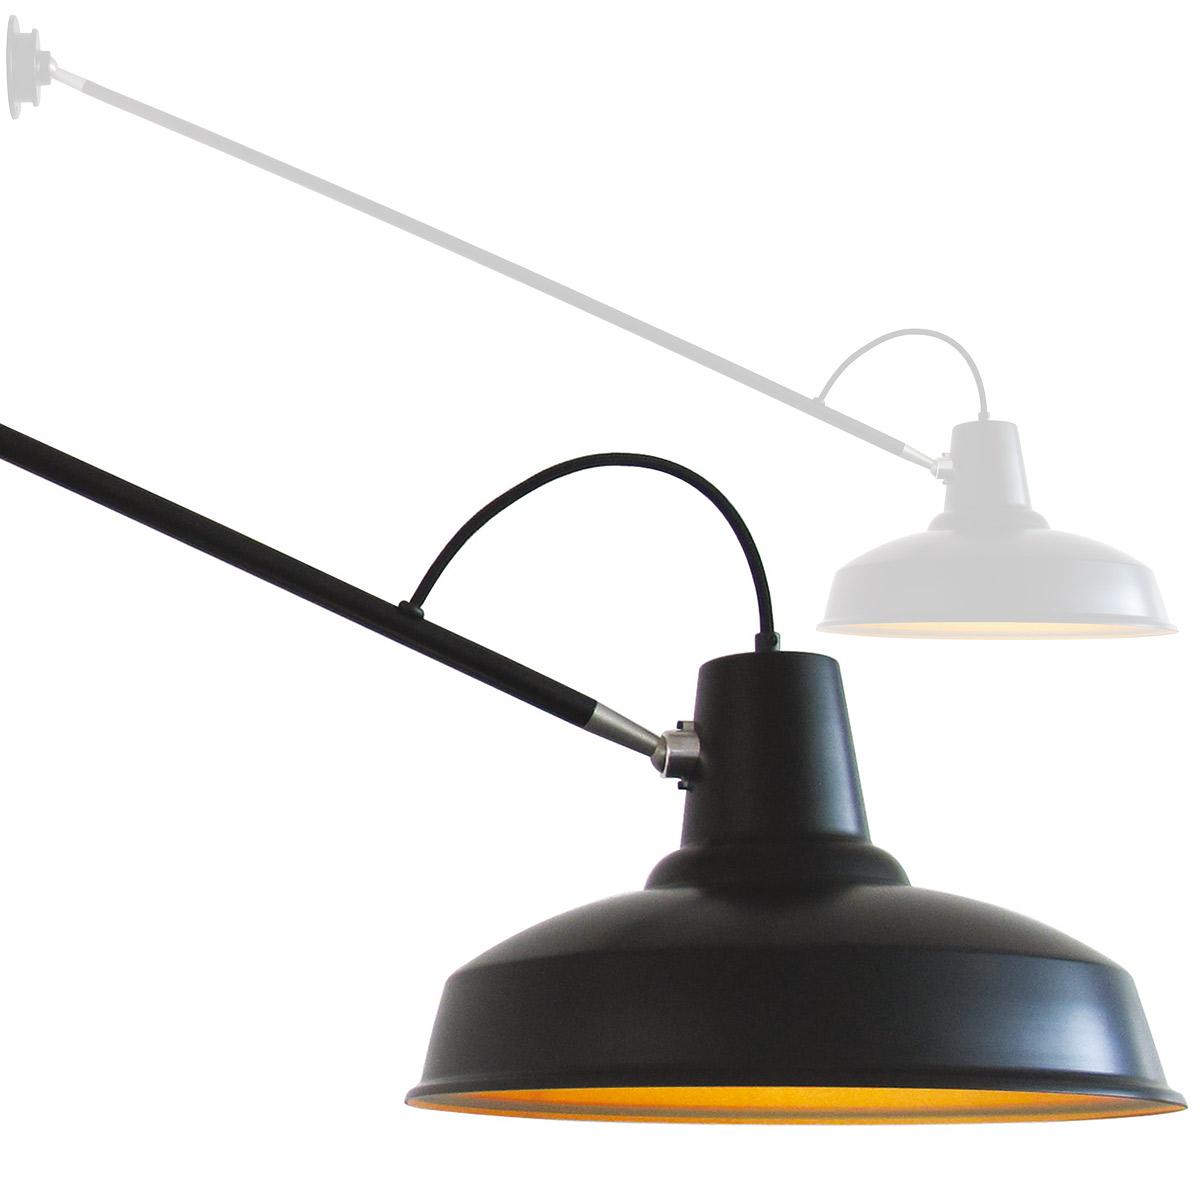 Kran-Wandleuchte mit 137 cm Ausleger PELICAN LONG - Casa Lumi